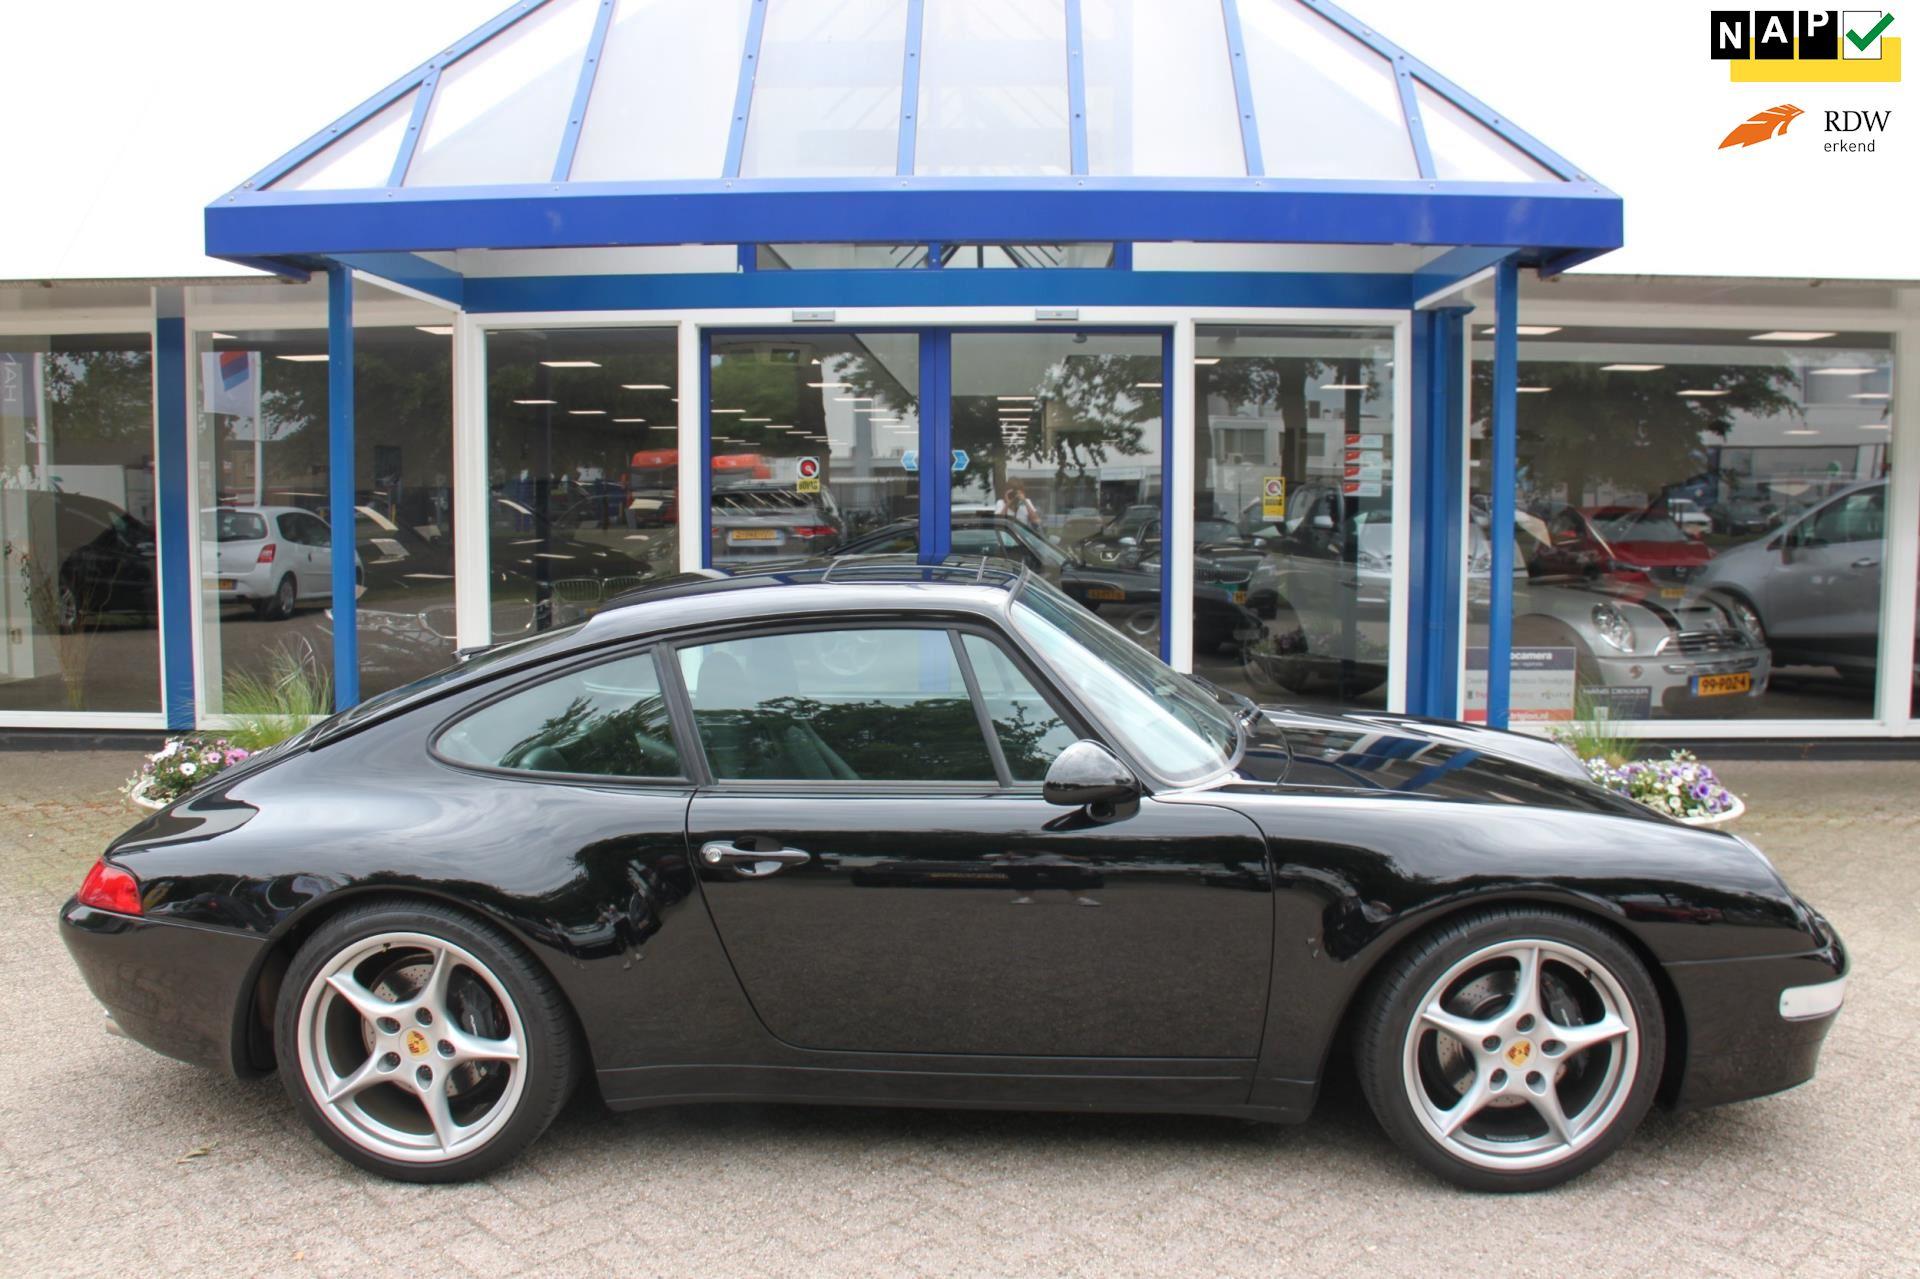 Porsche 911 occasion - HDA Wijchen B.V.